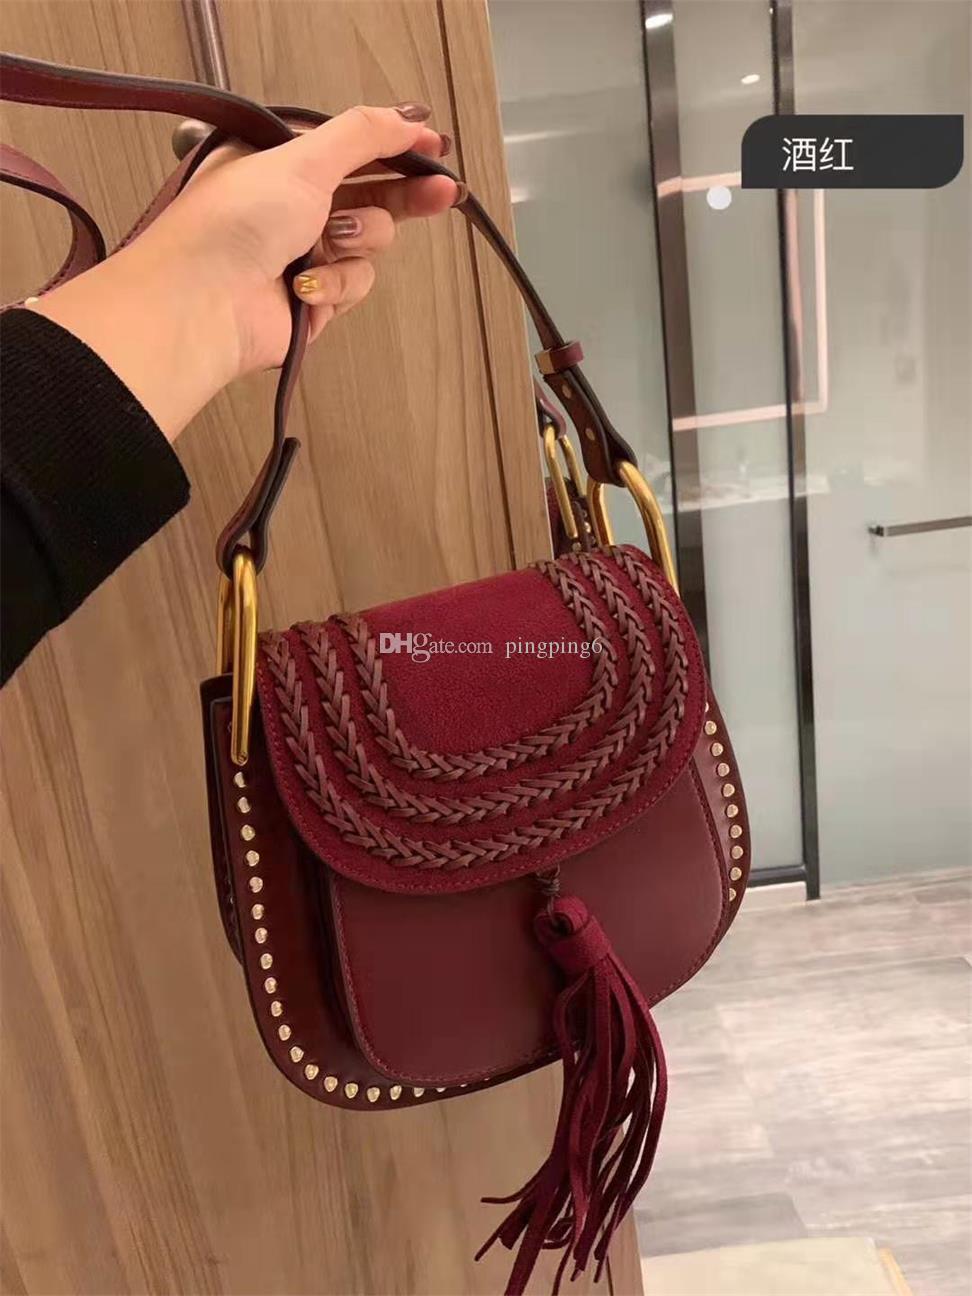 Frauen Original Ysiykiy Niet Handtaschen Tasche Leder Quaste mit Sternen Wildleder Schulter Freeship Mode Casual Bag Axiok